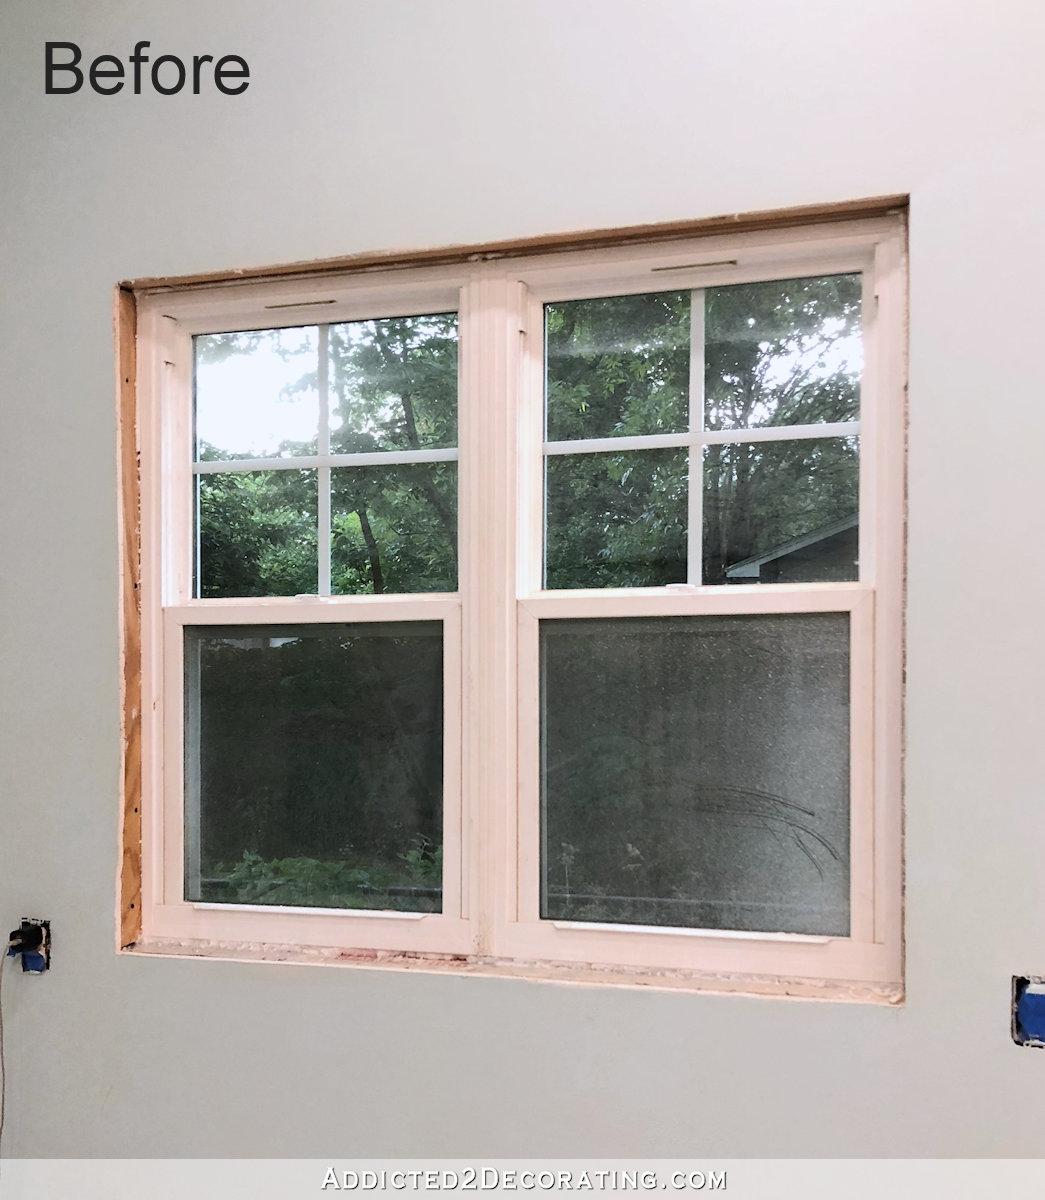 Installation des châssis de fenêtre - fenêtre avant la garniture